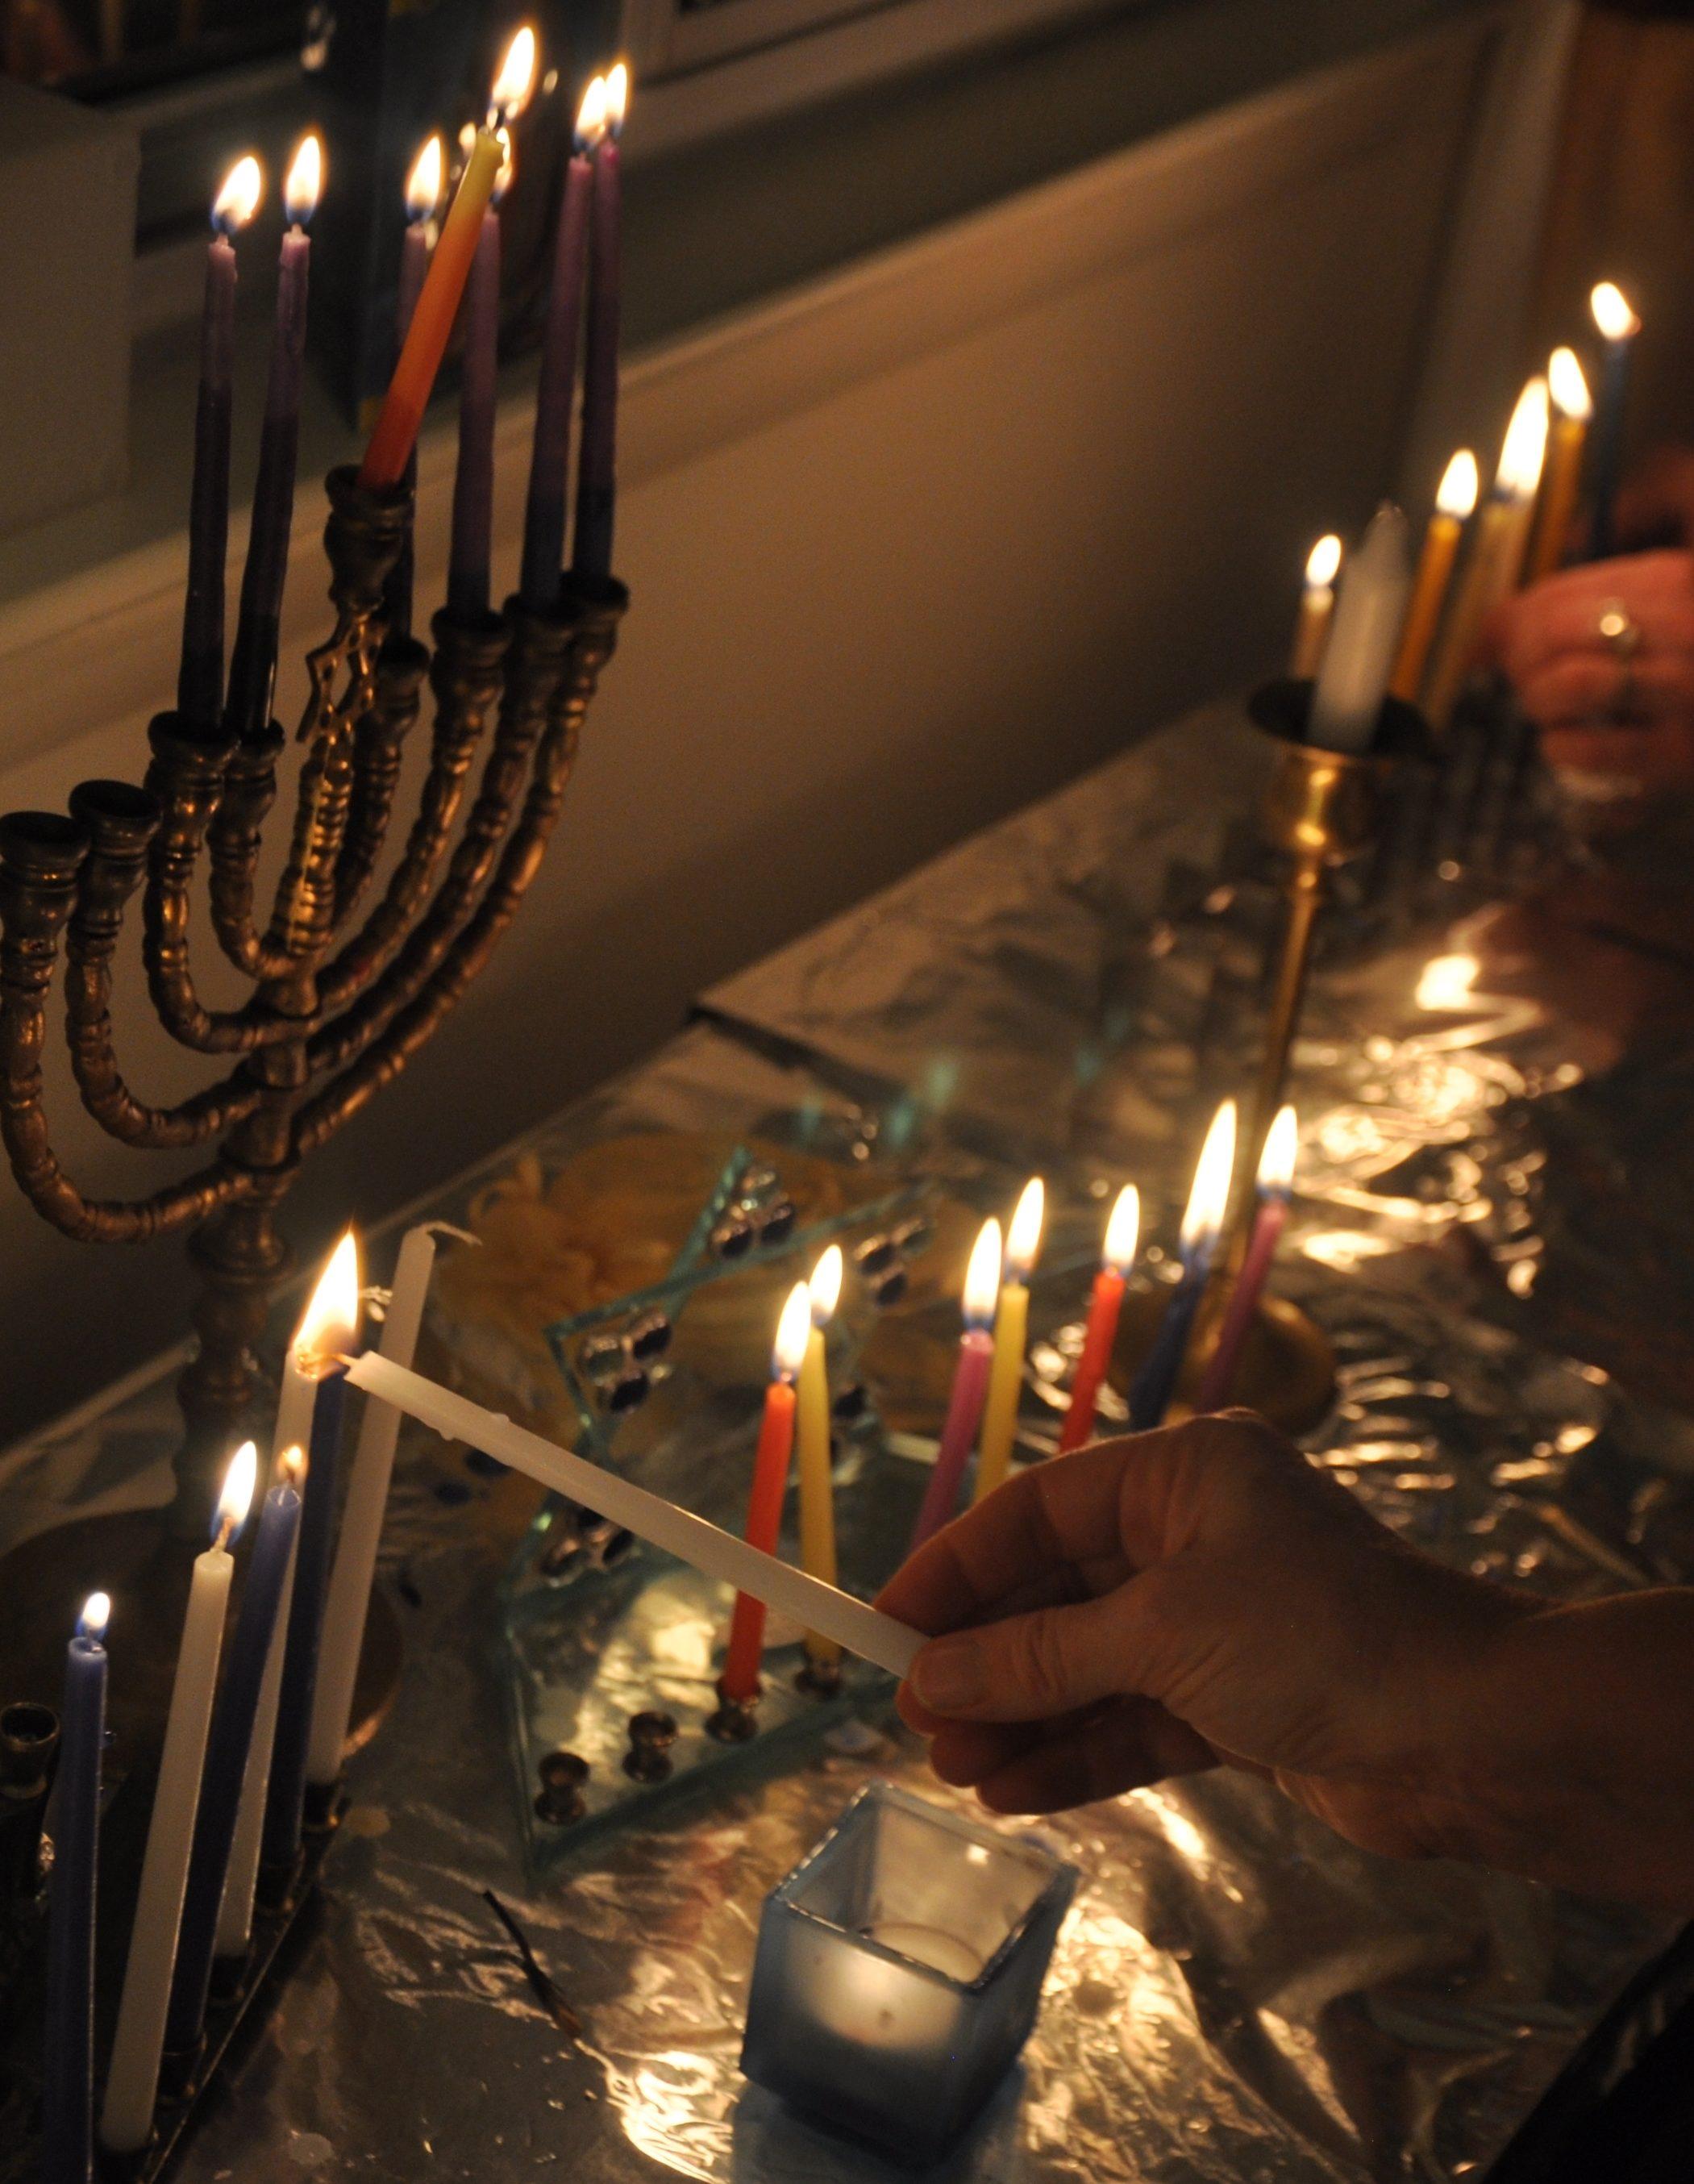 Lighting hanukah candles together